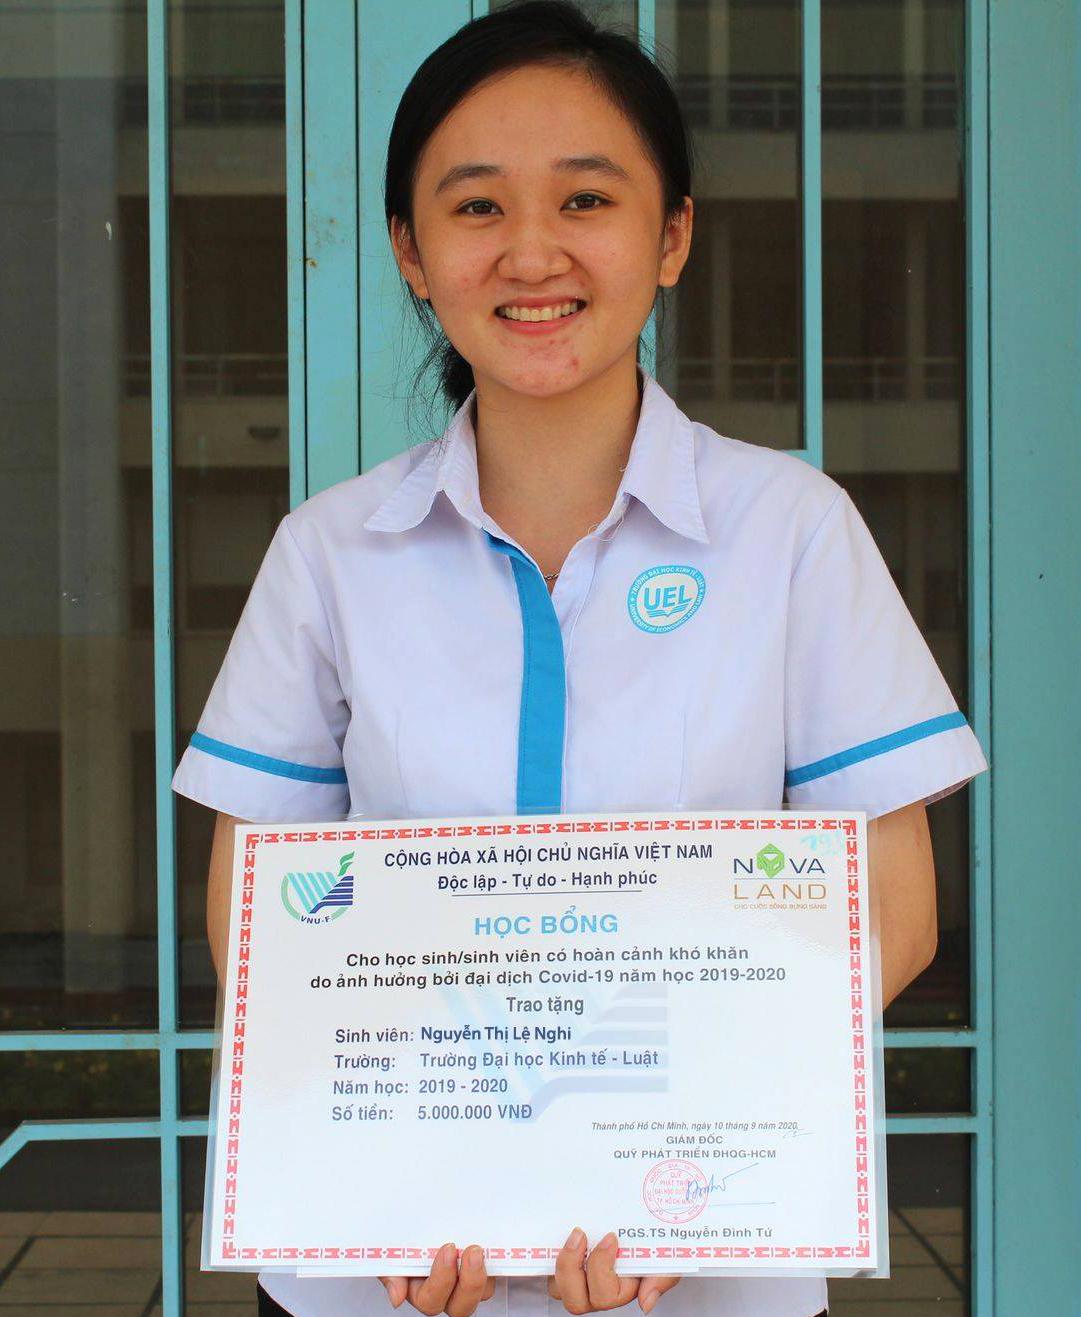 Em Lệ Nghi nhận học bổng năm triệu đồng do Tập đoàn Novaland, Hội Doanh nhân trẻ TP HCM trao tặng.